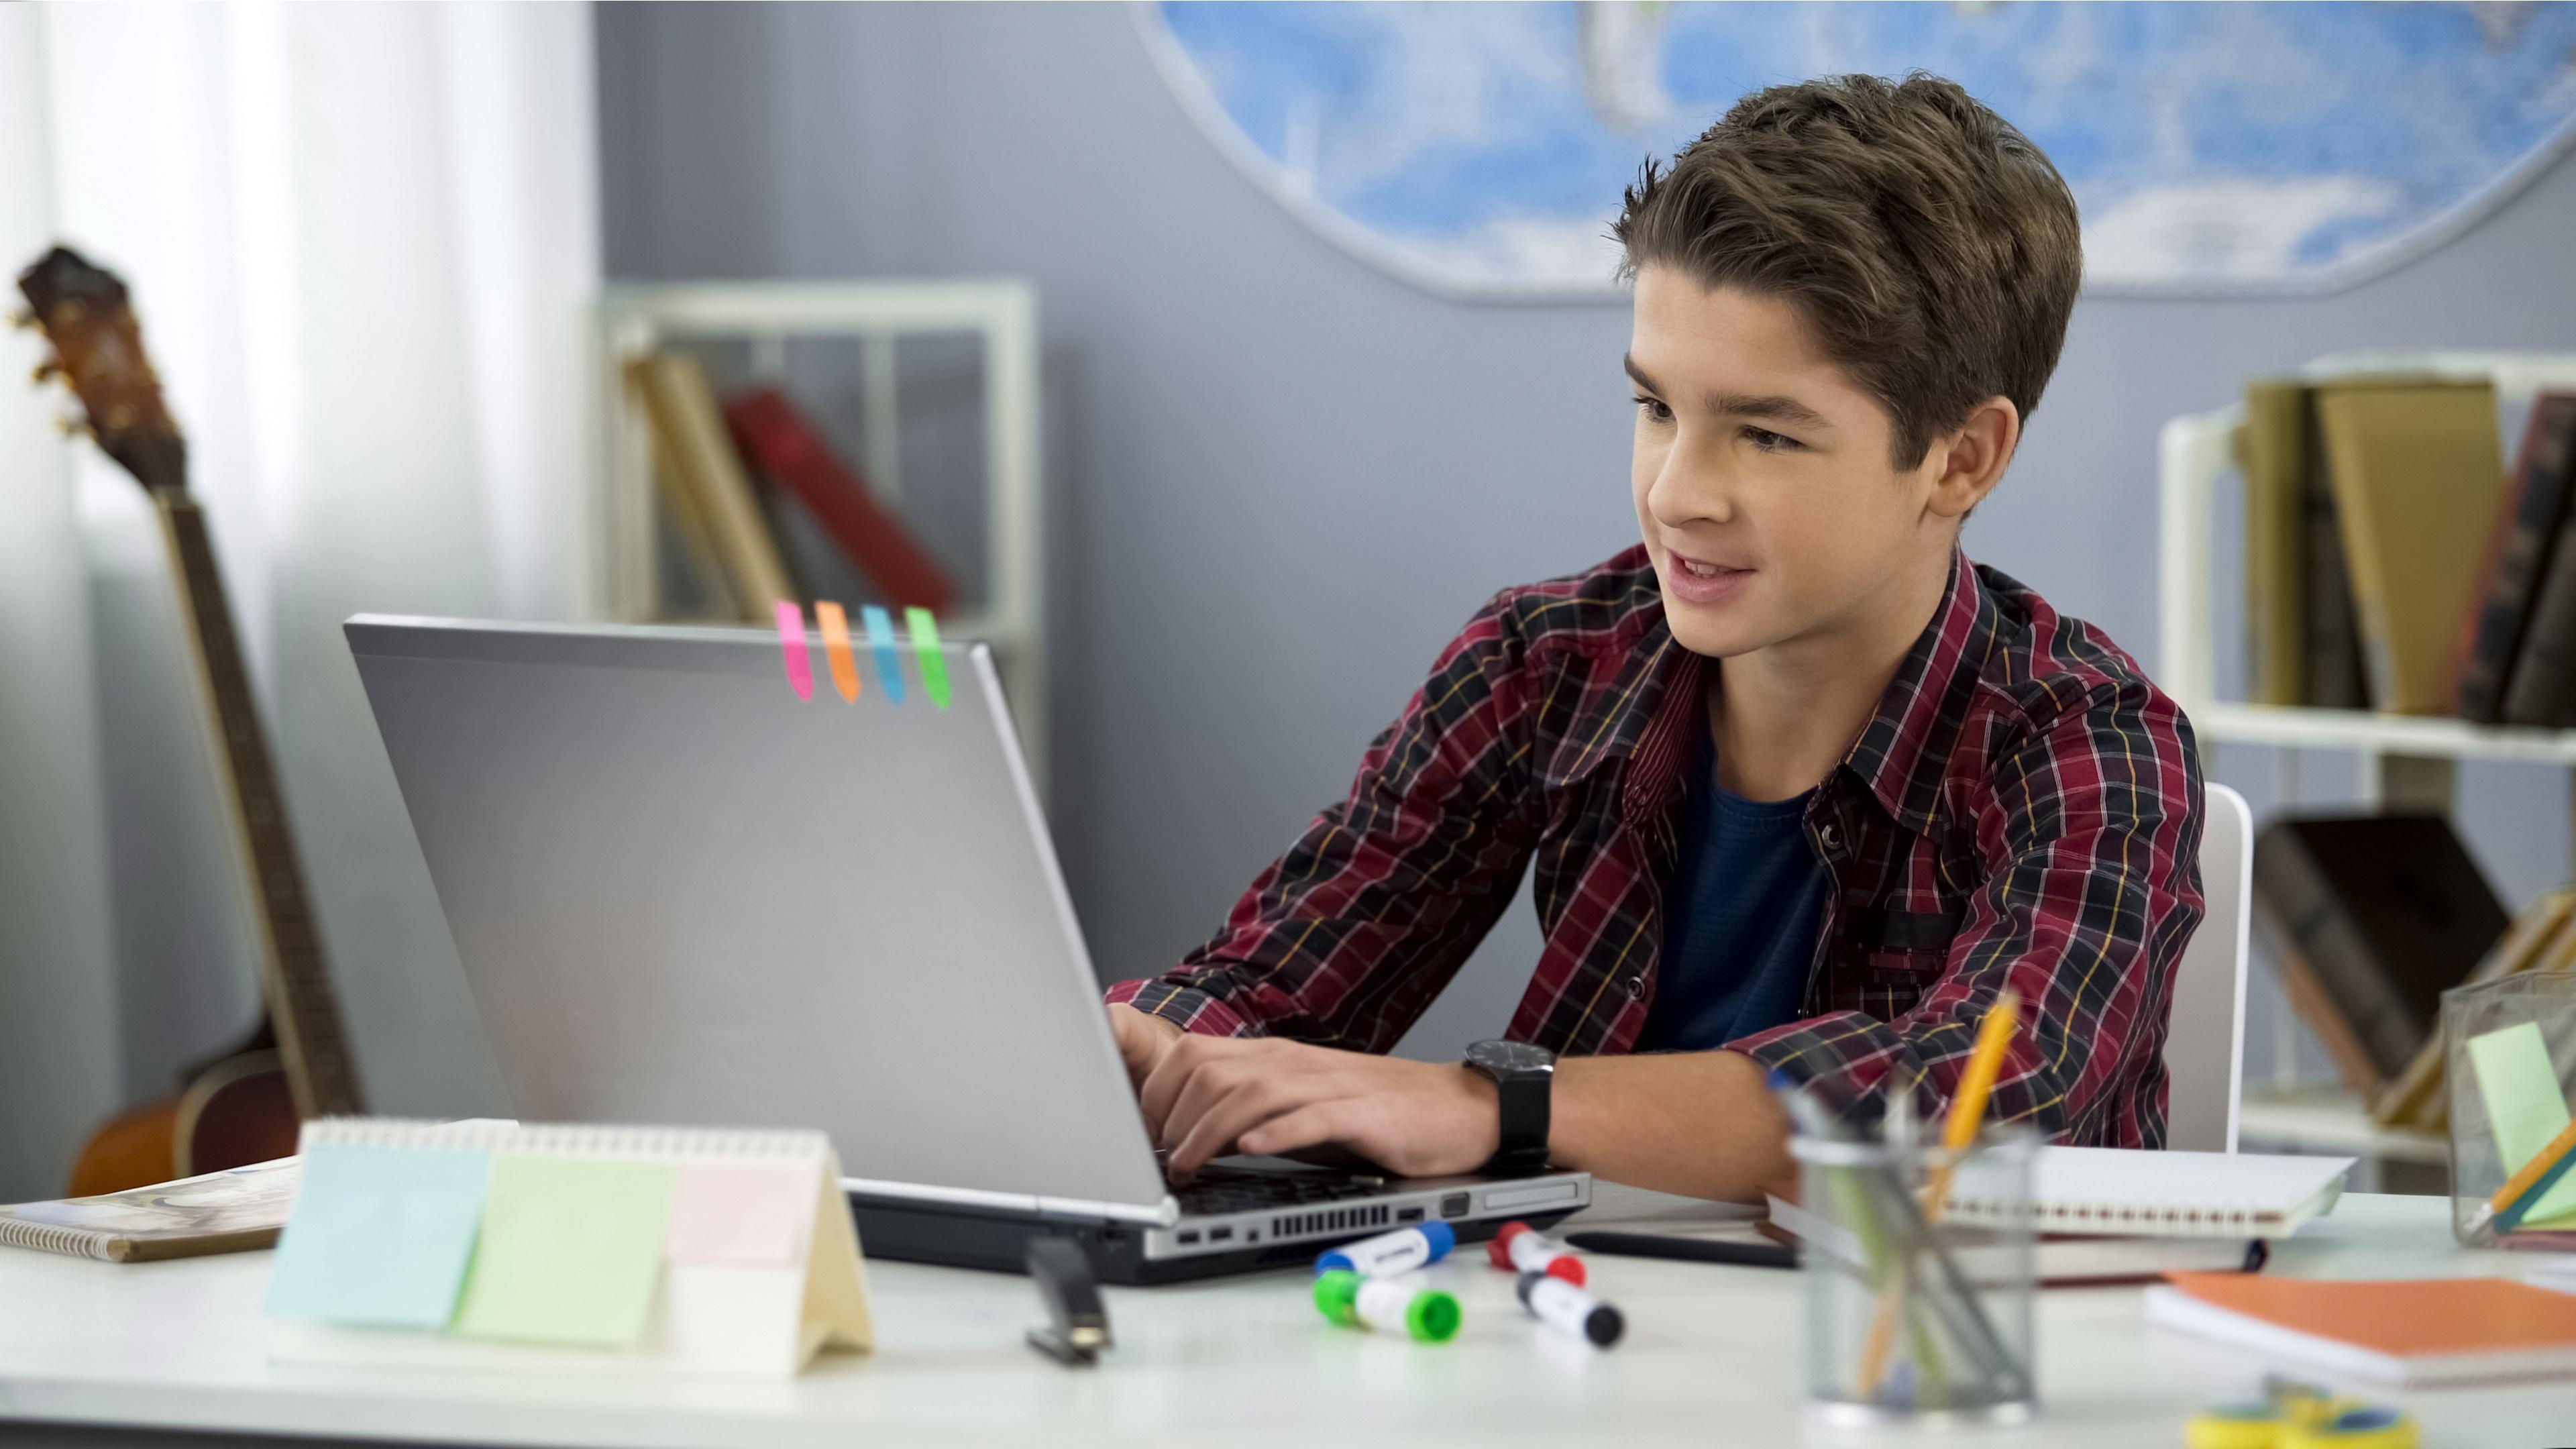 Без ноутбука либо планшета в средних классах не обойтись